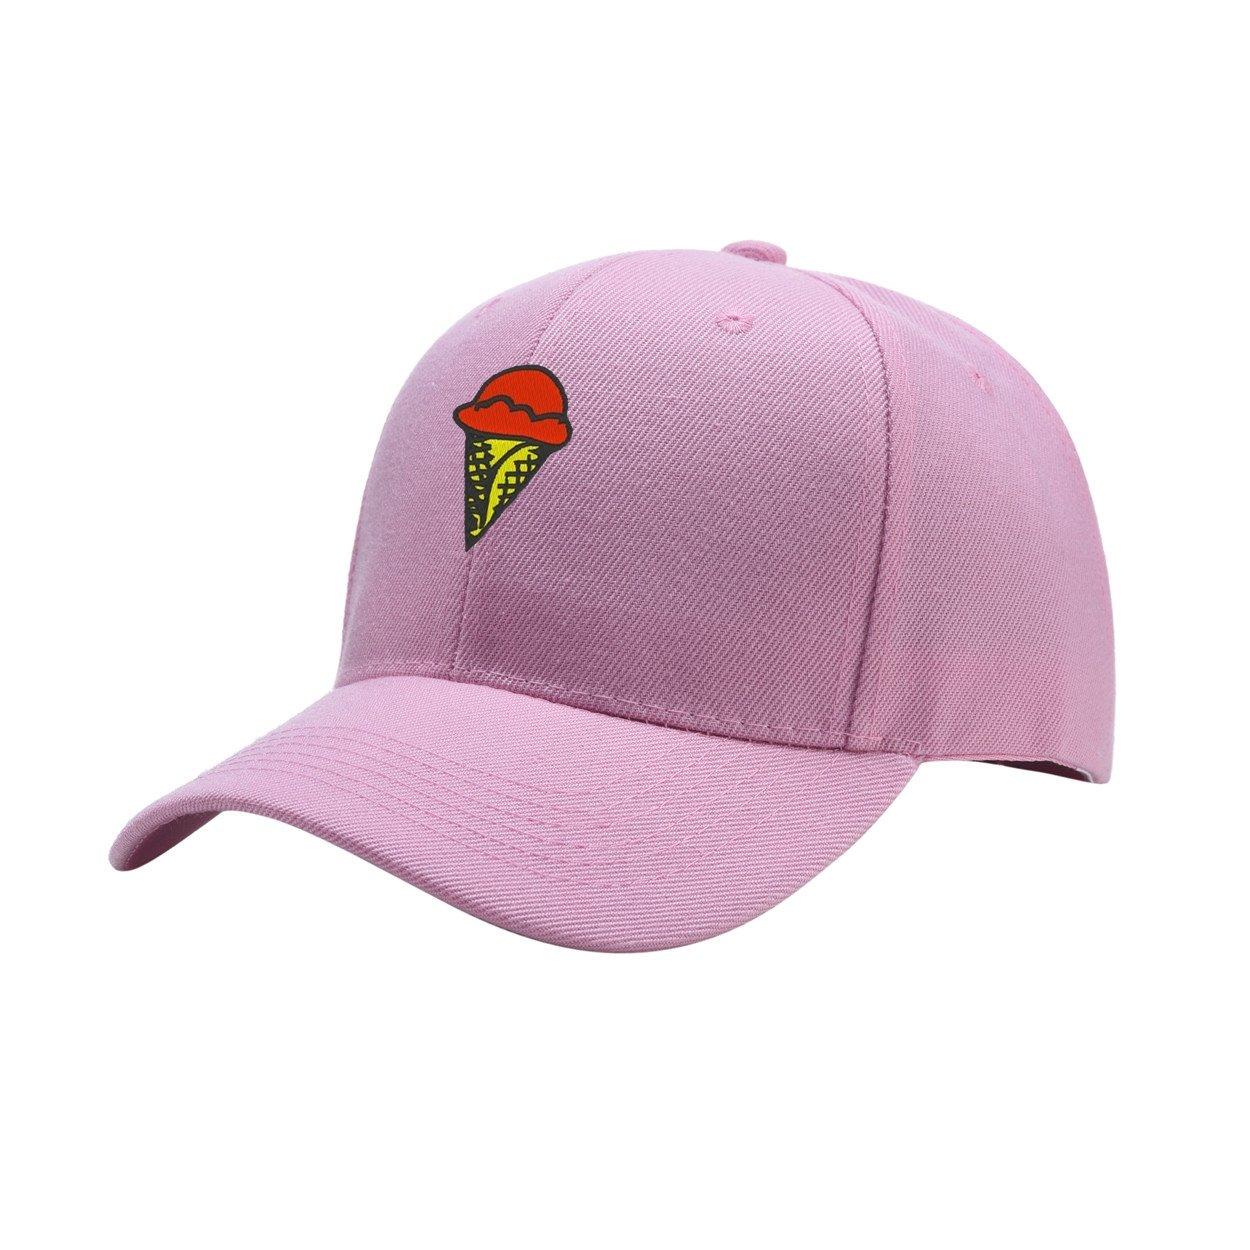 NeeKer Ice Cream Peaked Hat Embroidered Logo Adjustable Fish Cap